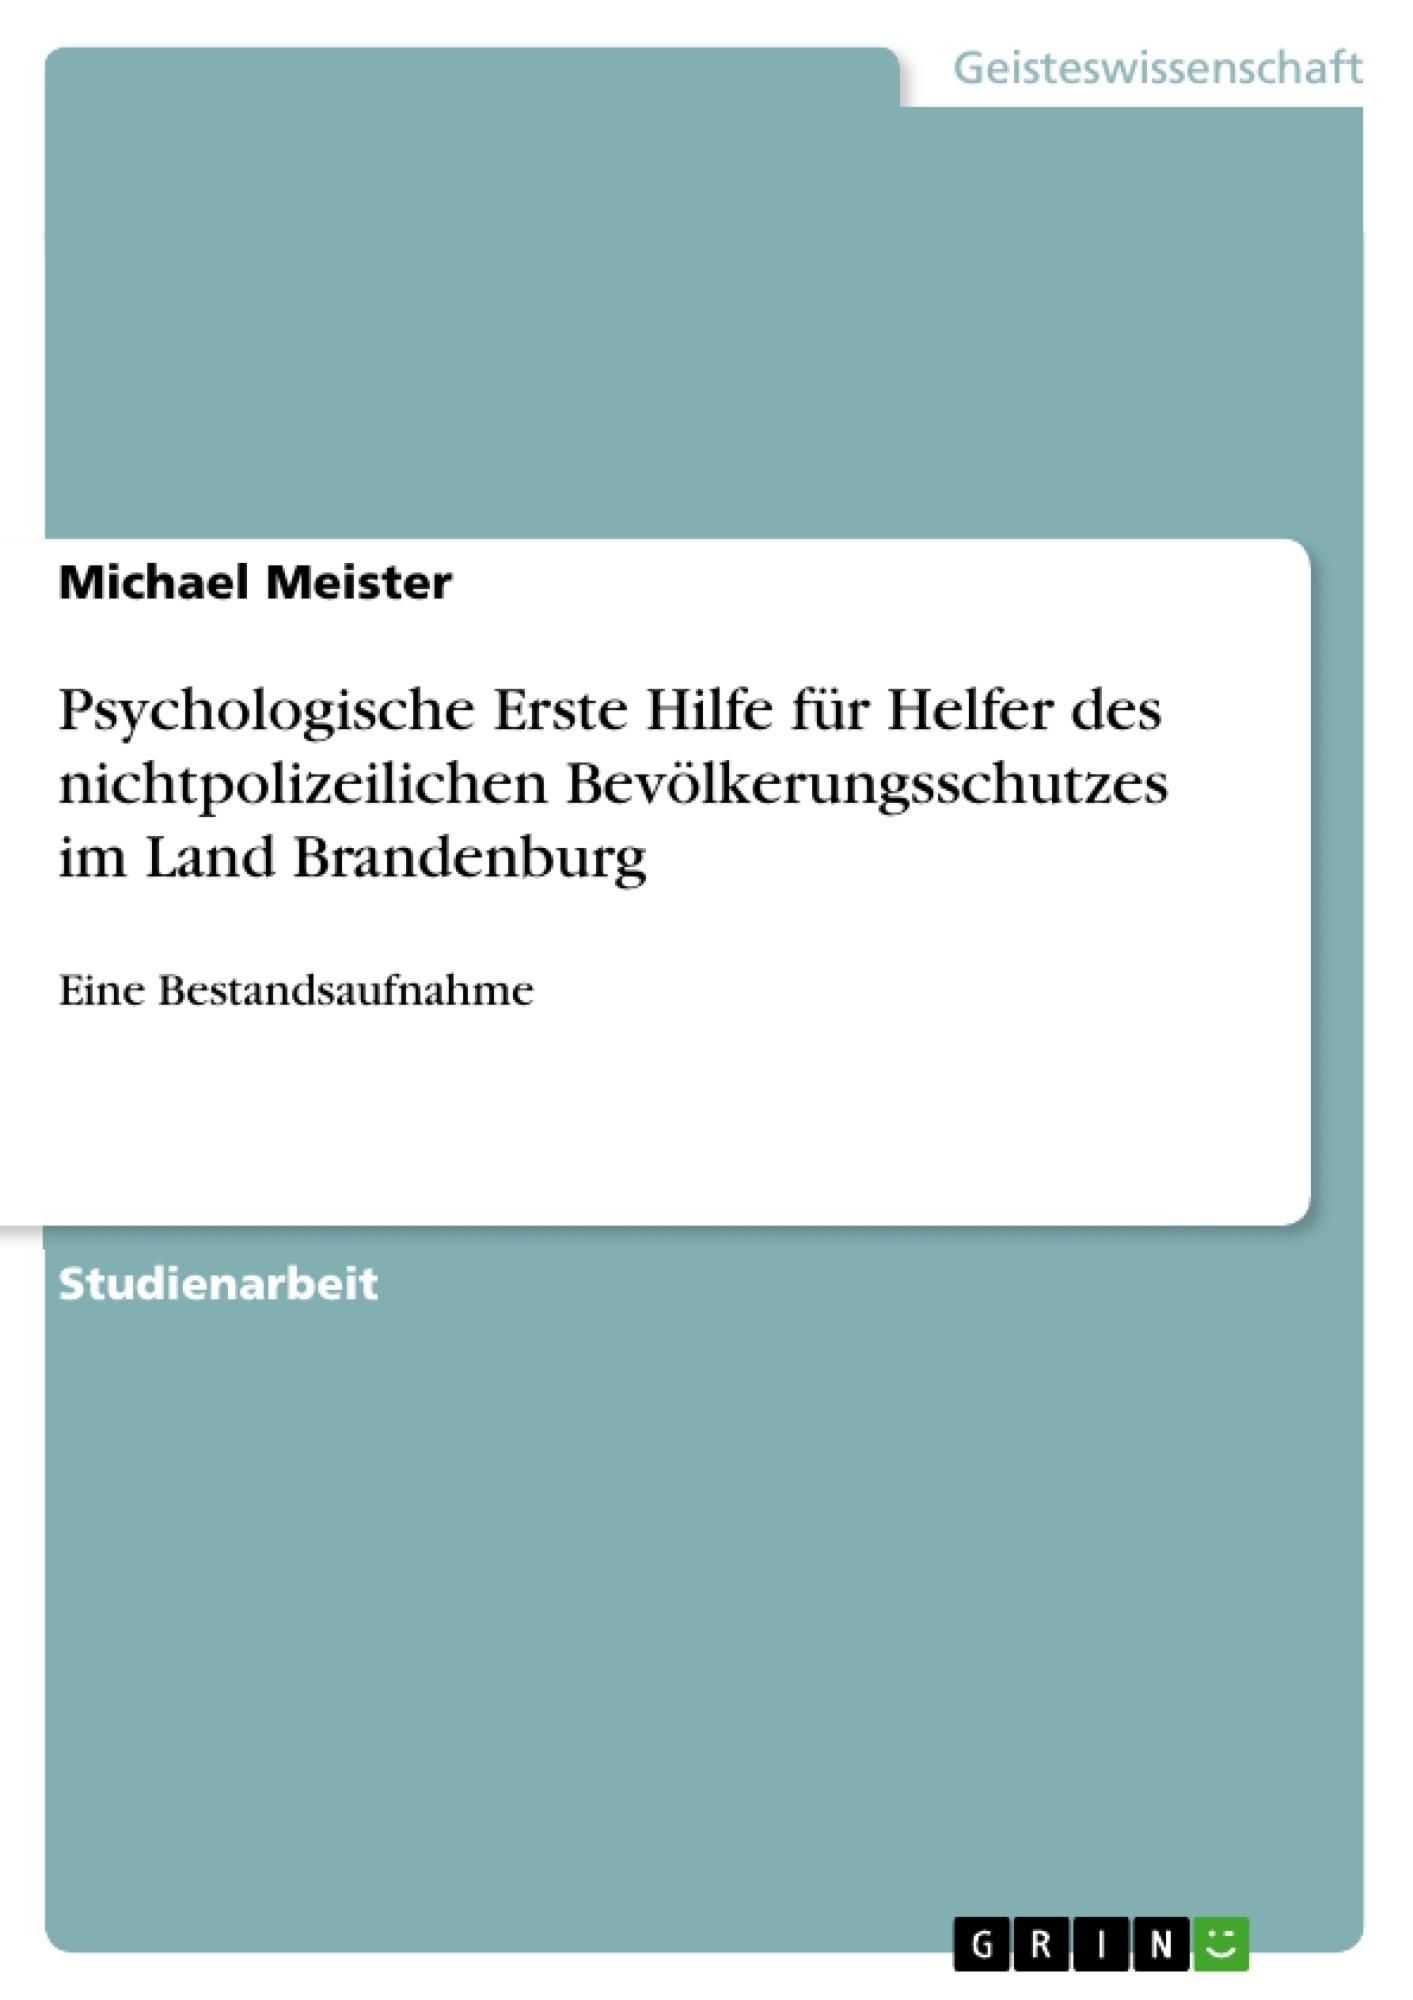 Titel: Psychologische Erste Hilfe für Helfer des nichtpolizeilichen Bevölkerungsschutzes im Land Brandenburg